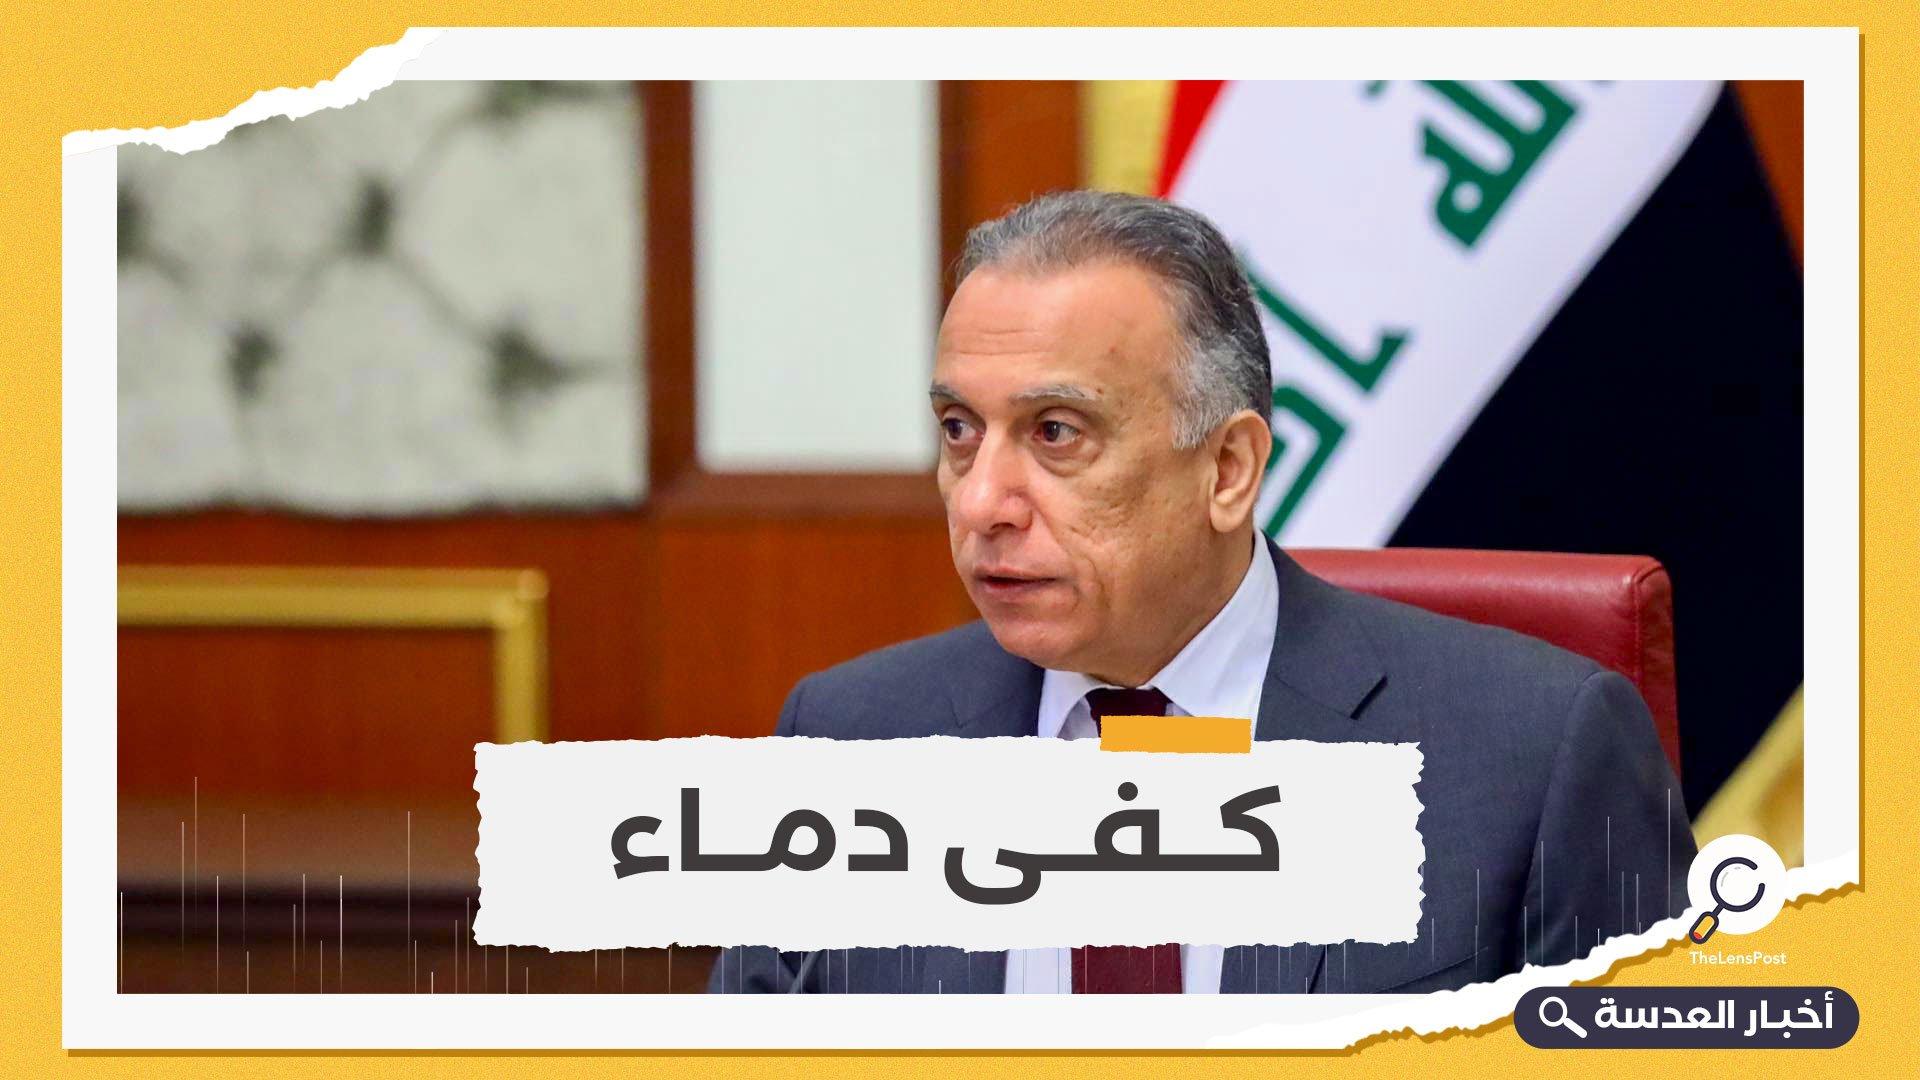 رئيس الوزراء العراقي: بعض القوى جعلت العراق ساحة لتصفية الحسابات